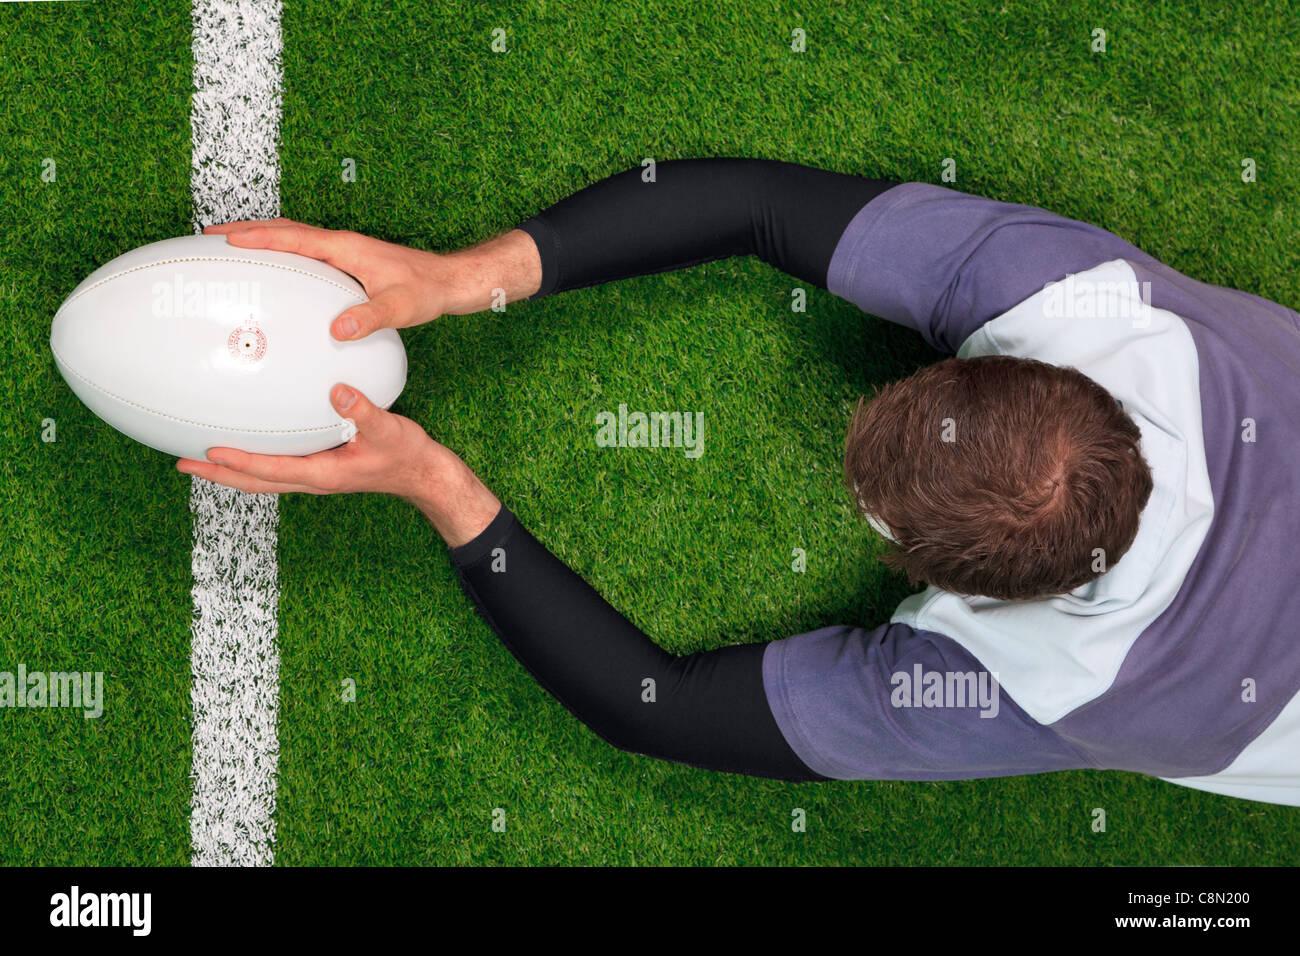 Photo prise à la verticale d'un joueur de rugby plongée sous-marine sur la ligne de marquer un essai Photo Stock